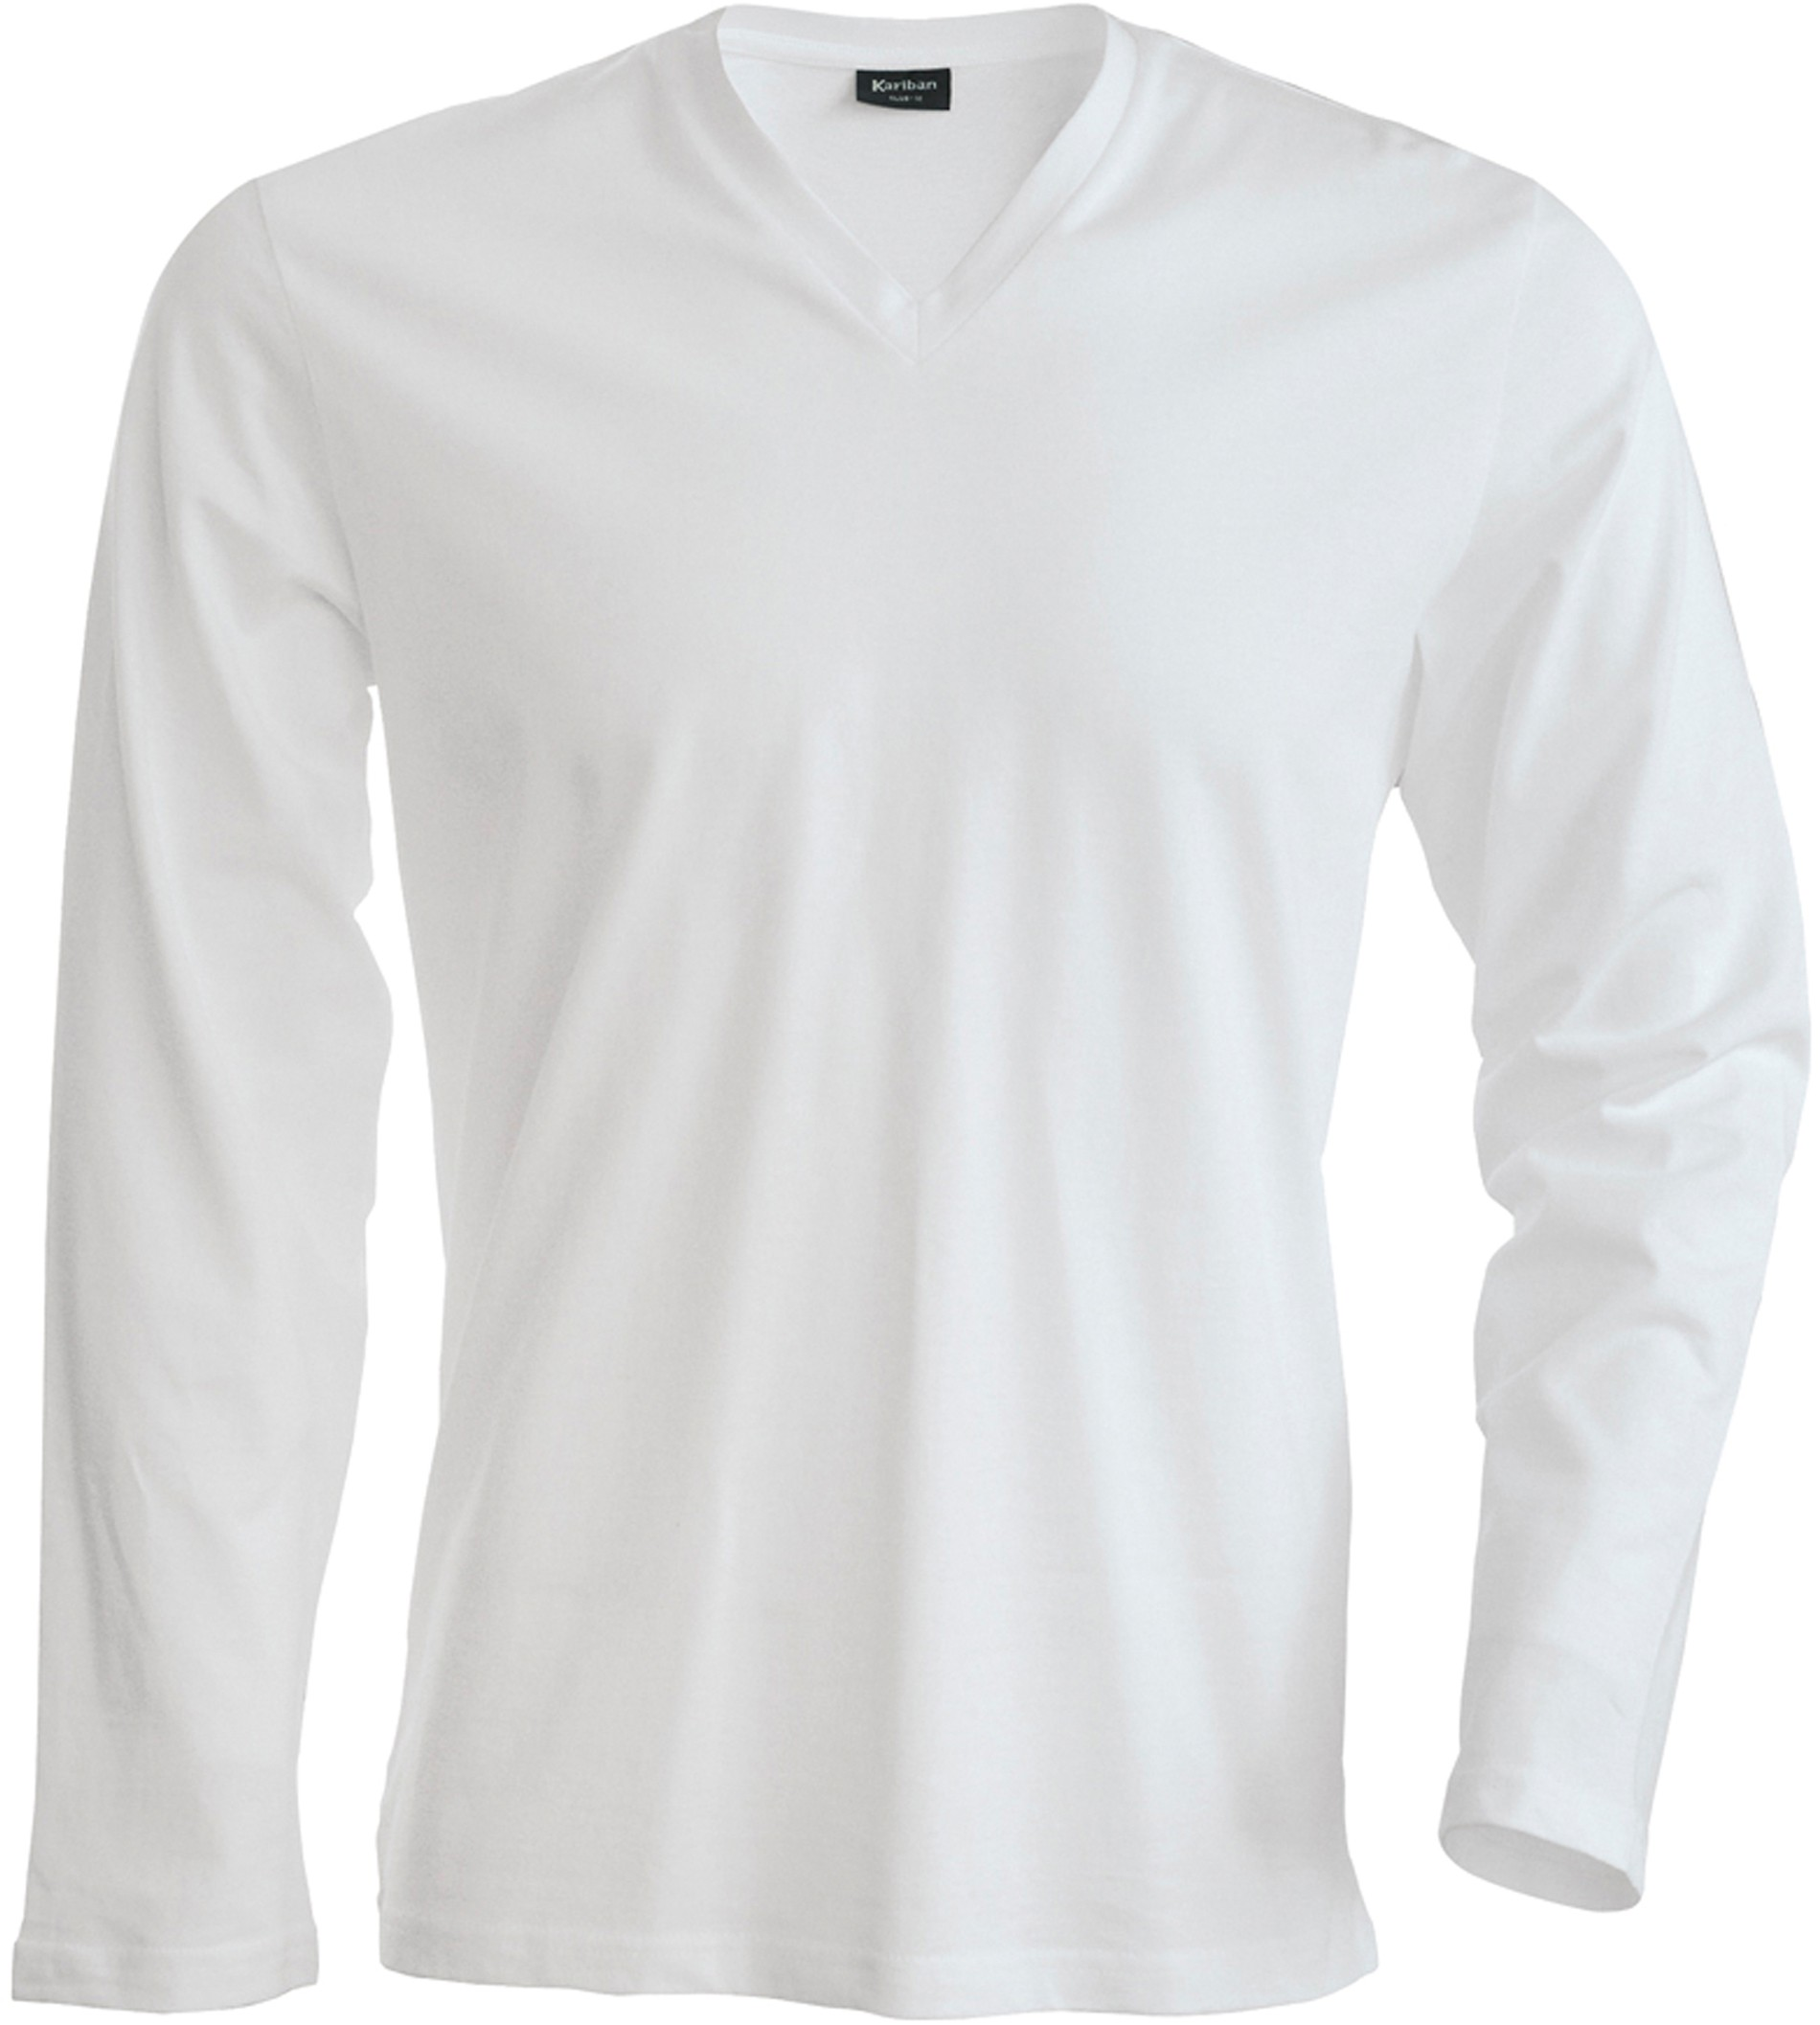 Kariban K355 White